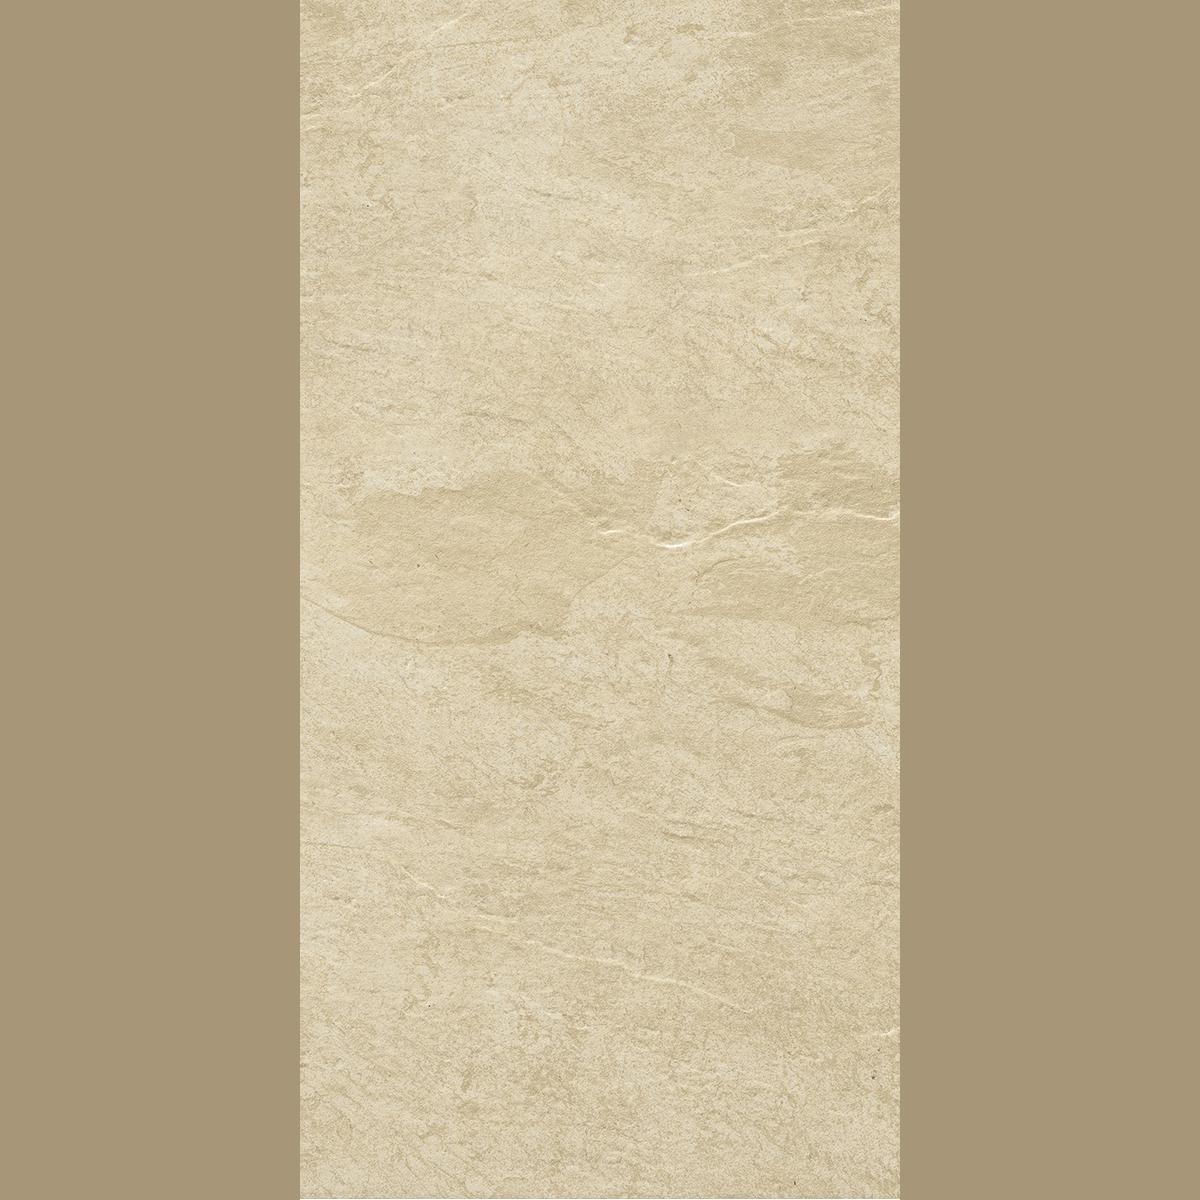 Gunstig Gartenplatte Sand 40x80 Cm Plattliaktion Ch